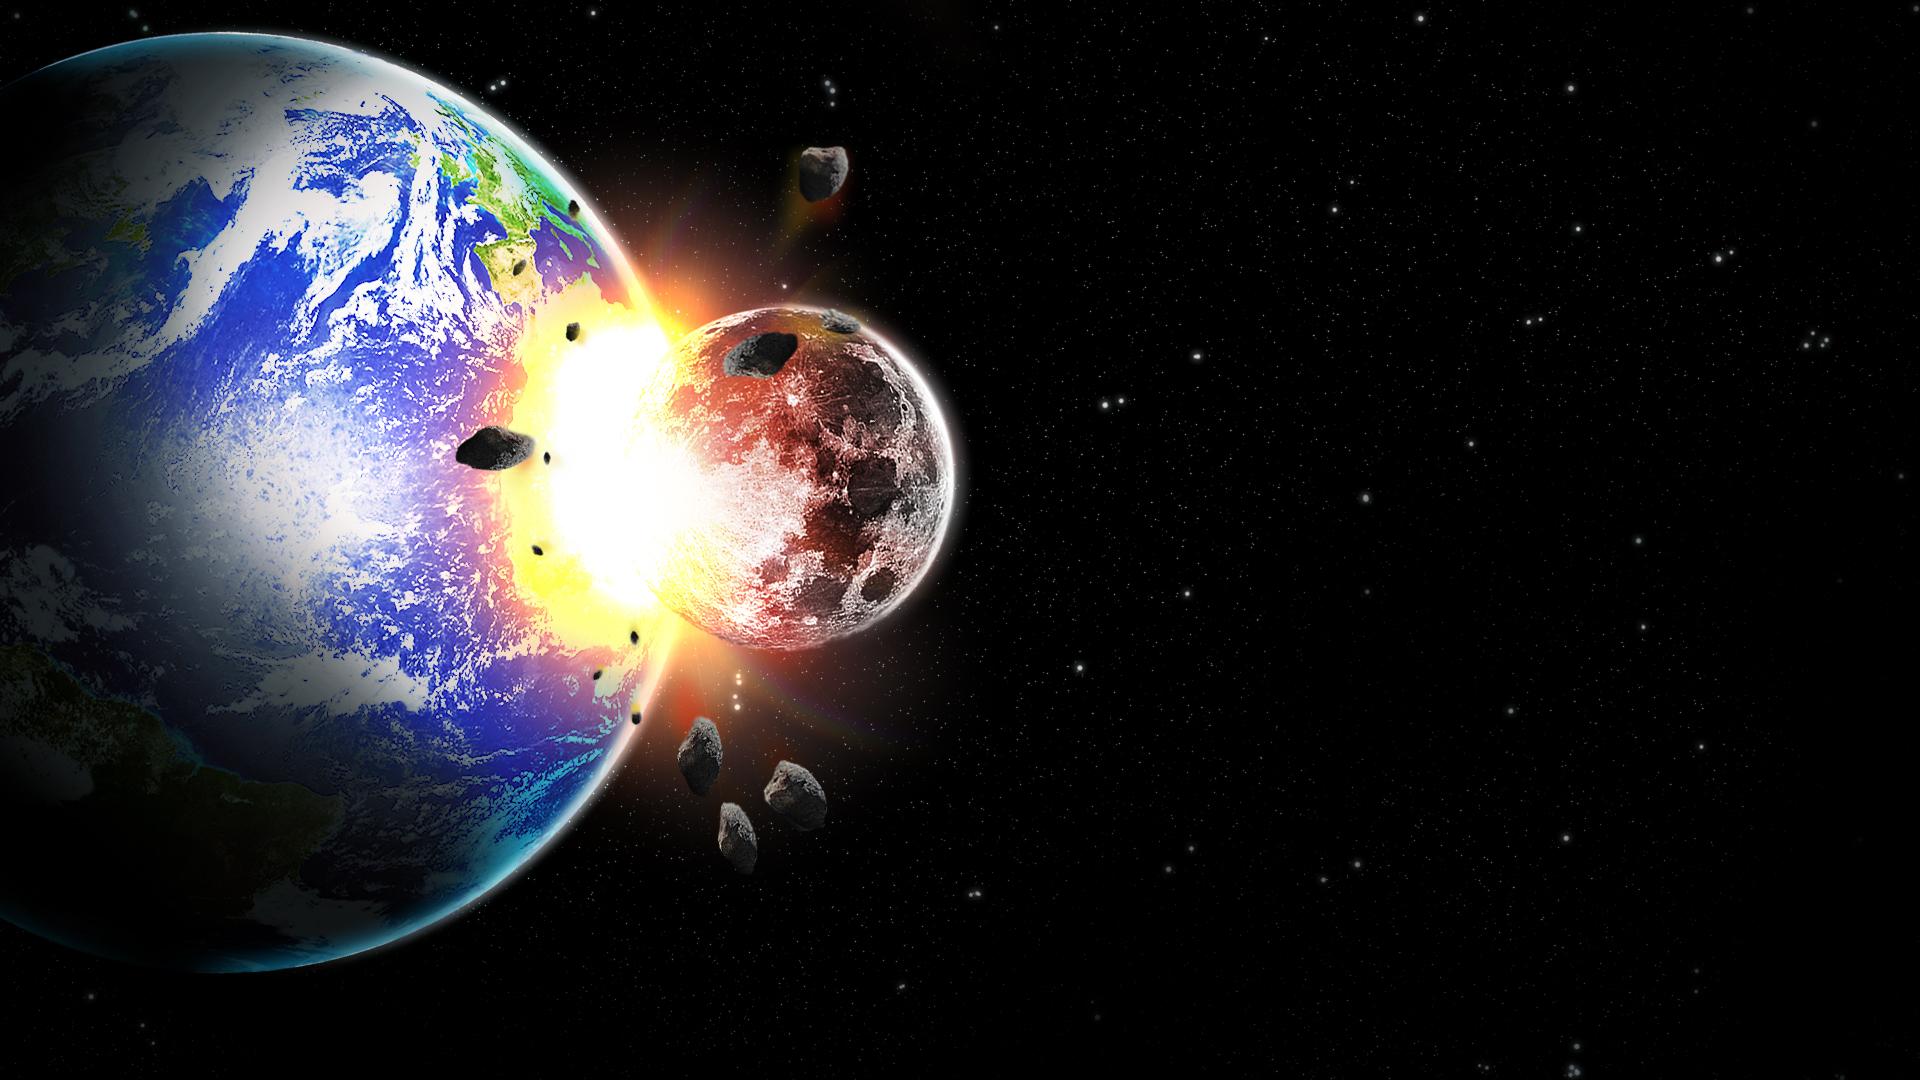 Moon Vs Earth V2 By Rah2005 On Deviantart